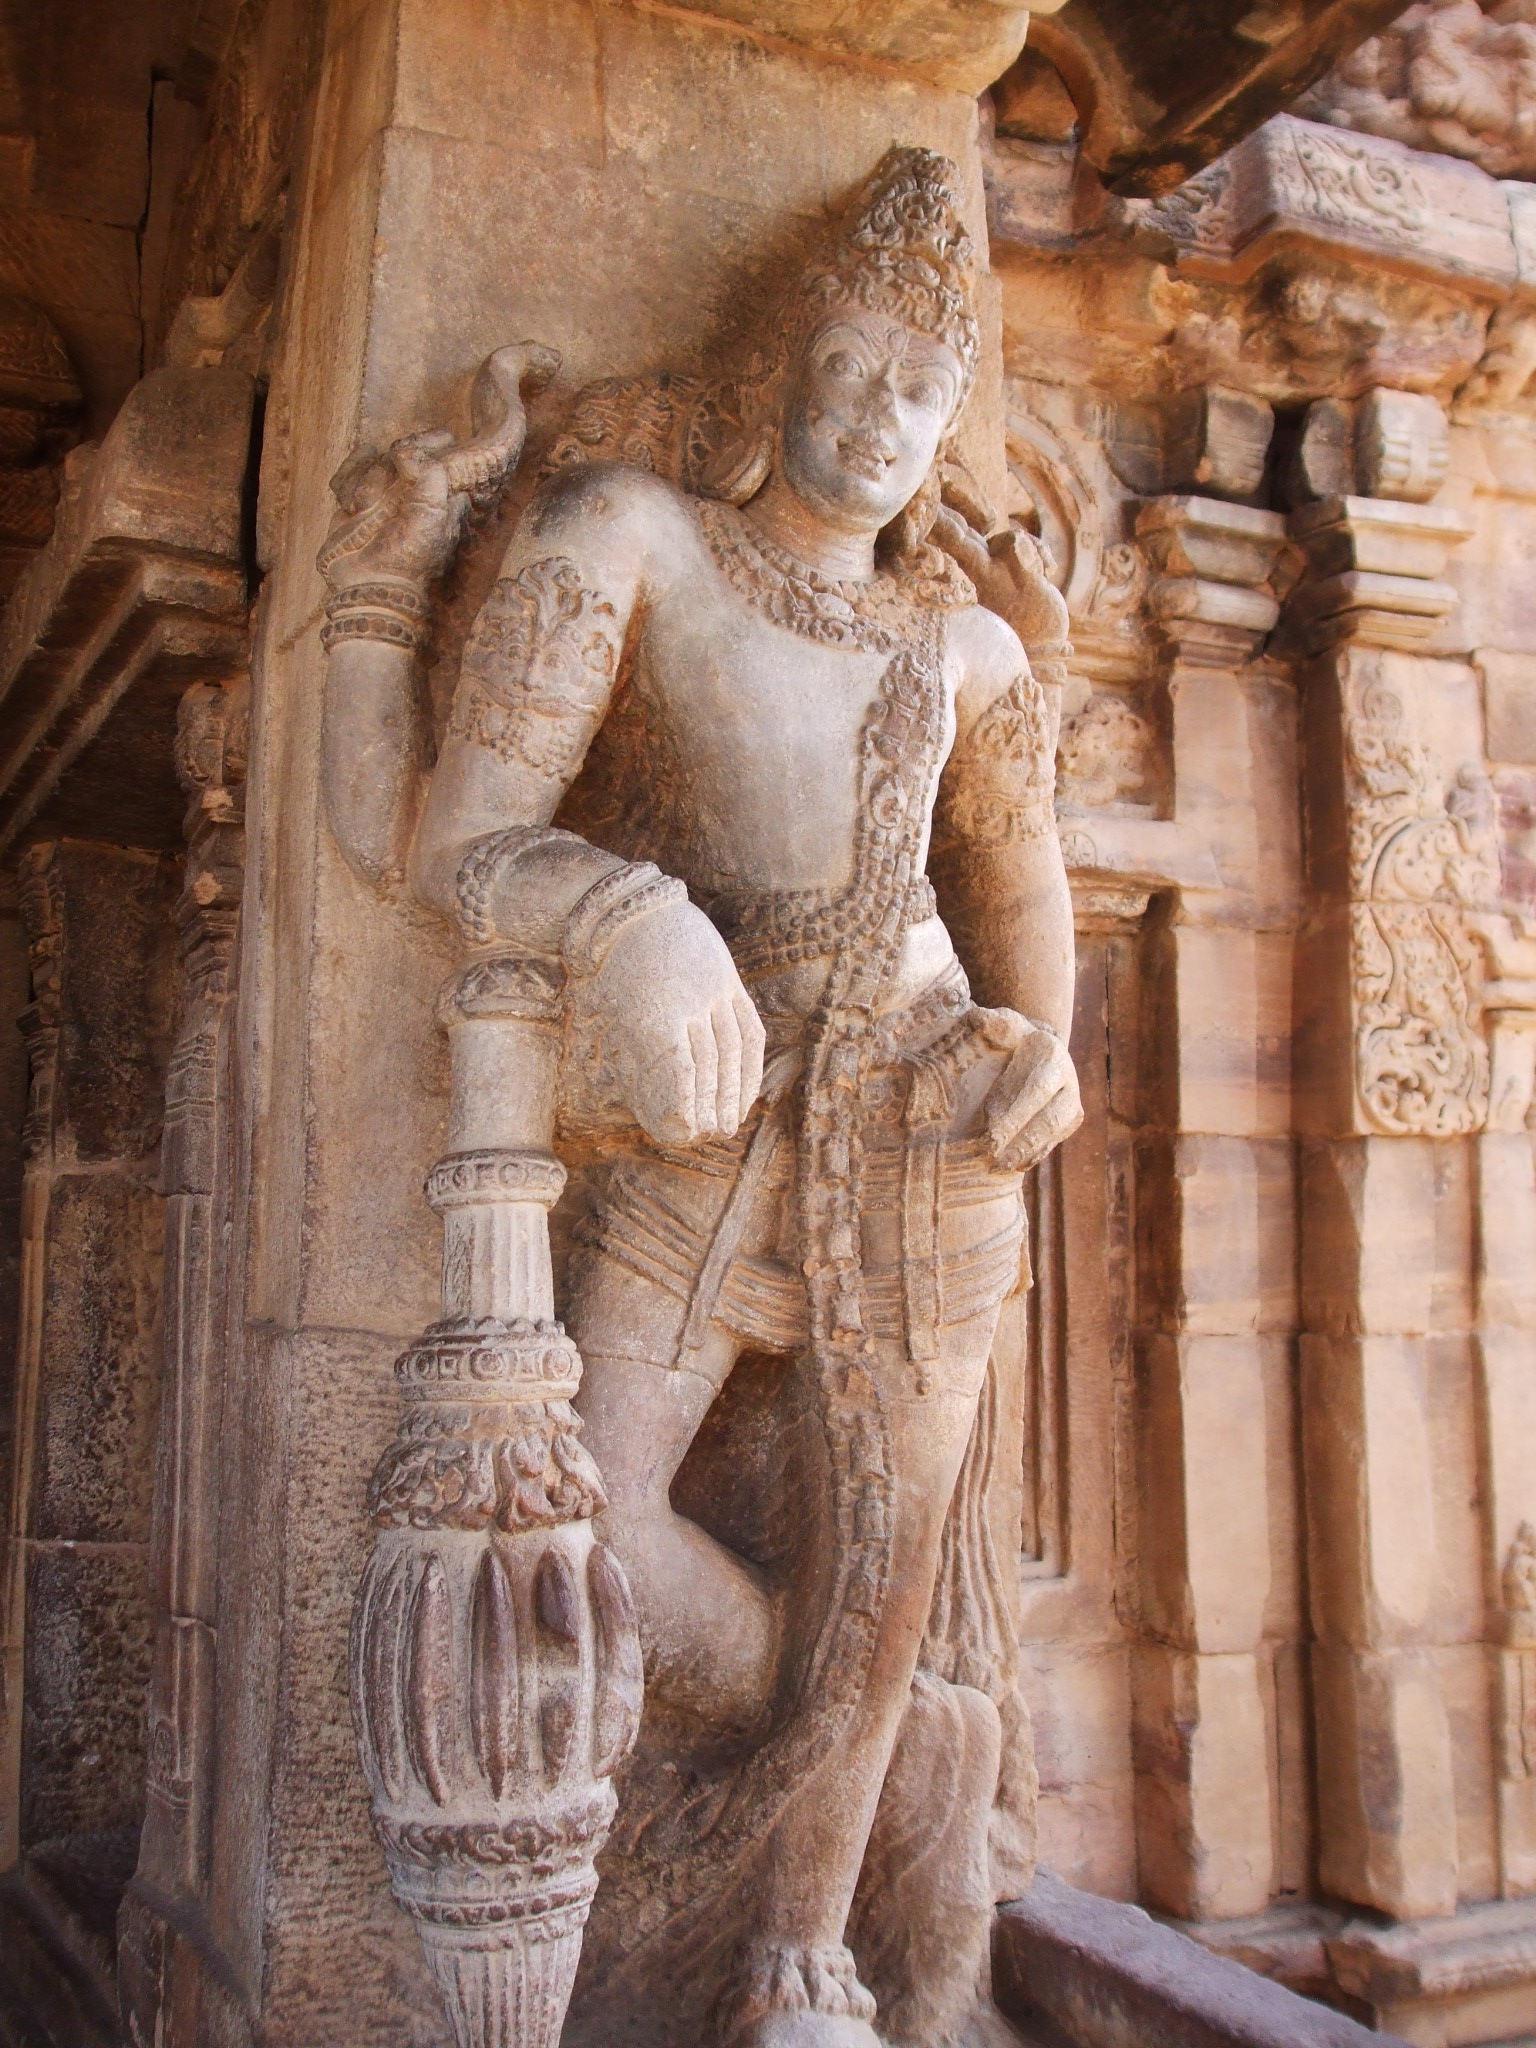 Скульптура в храме, Паттадакал, Карнатака